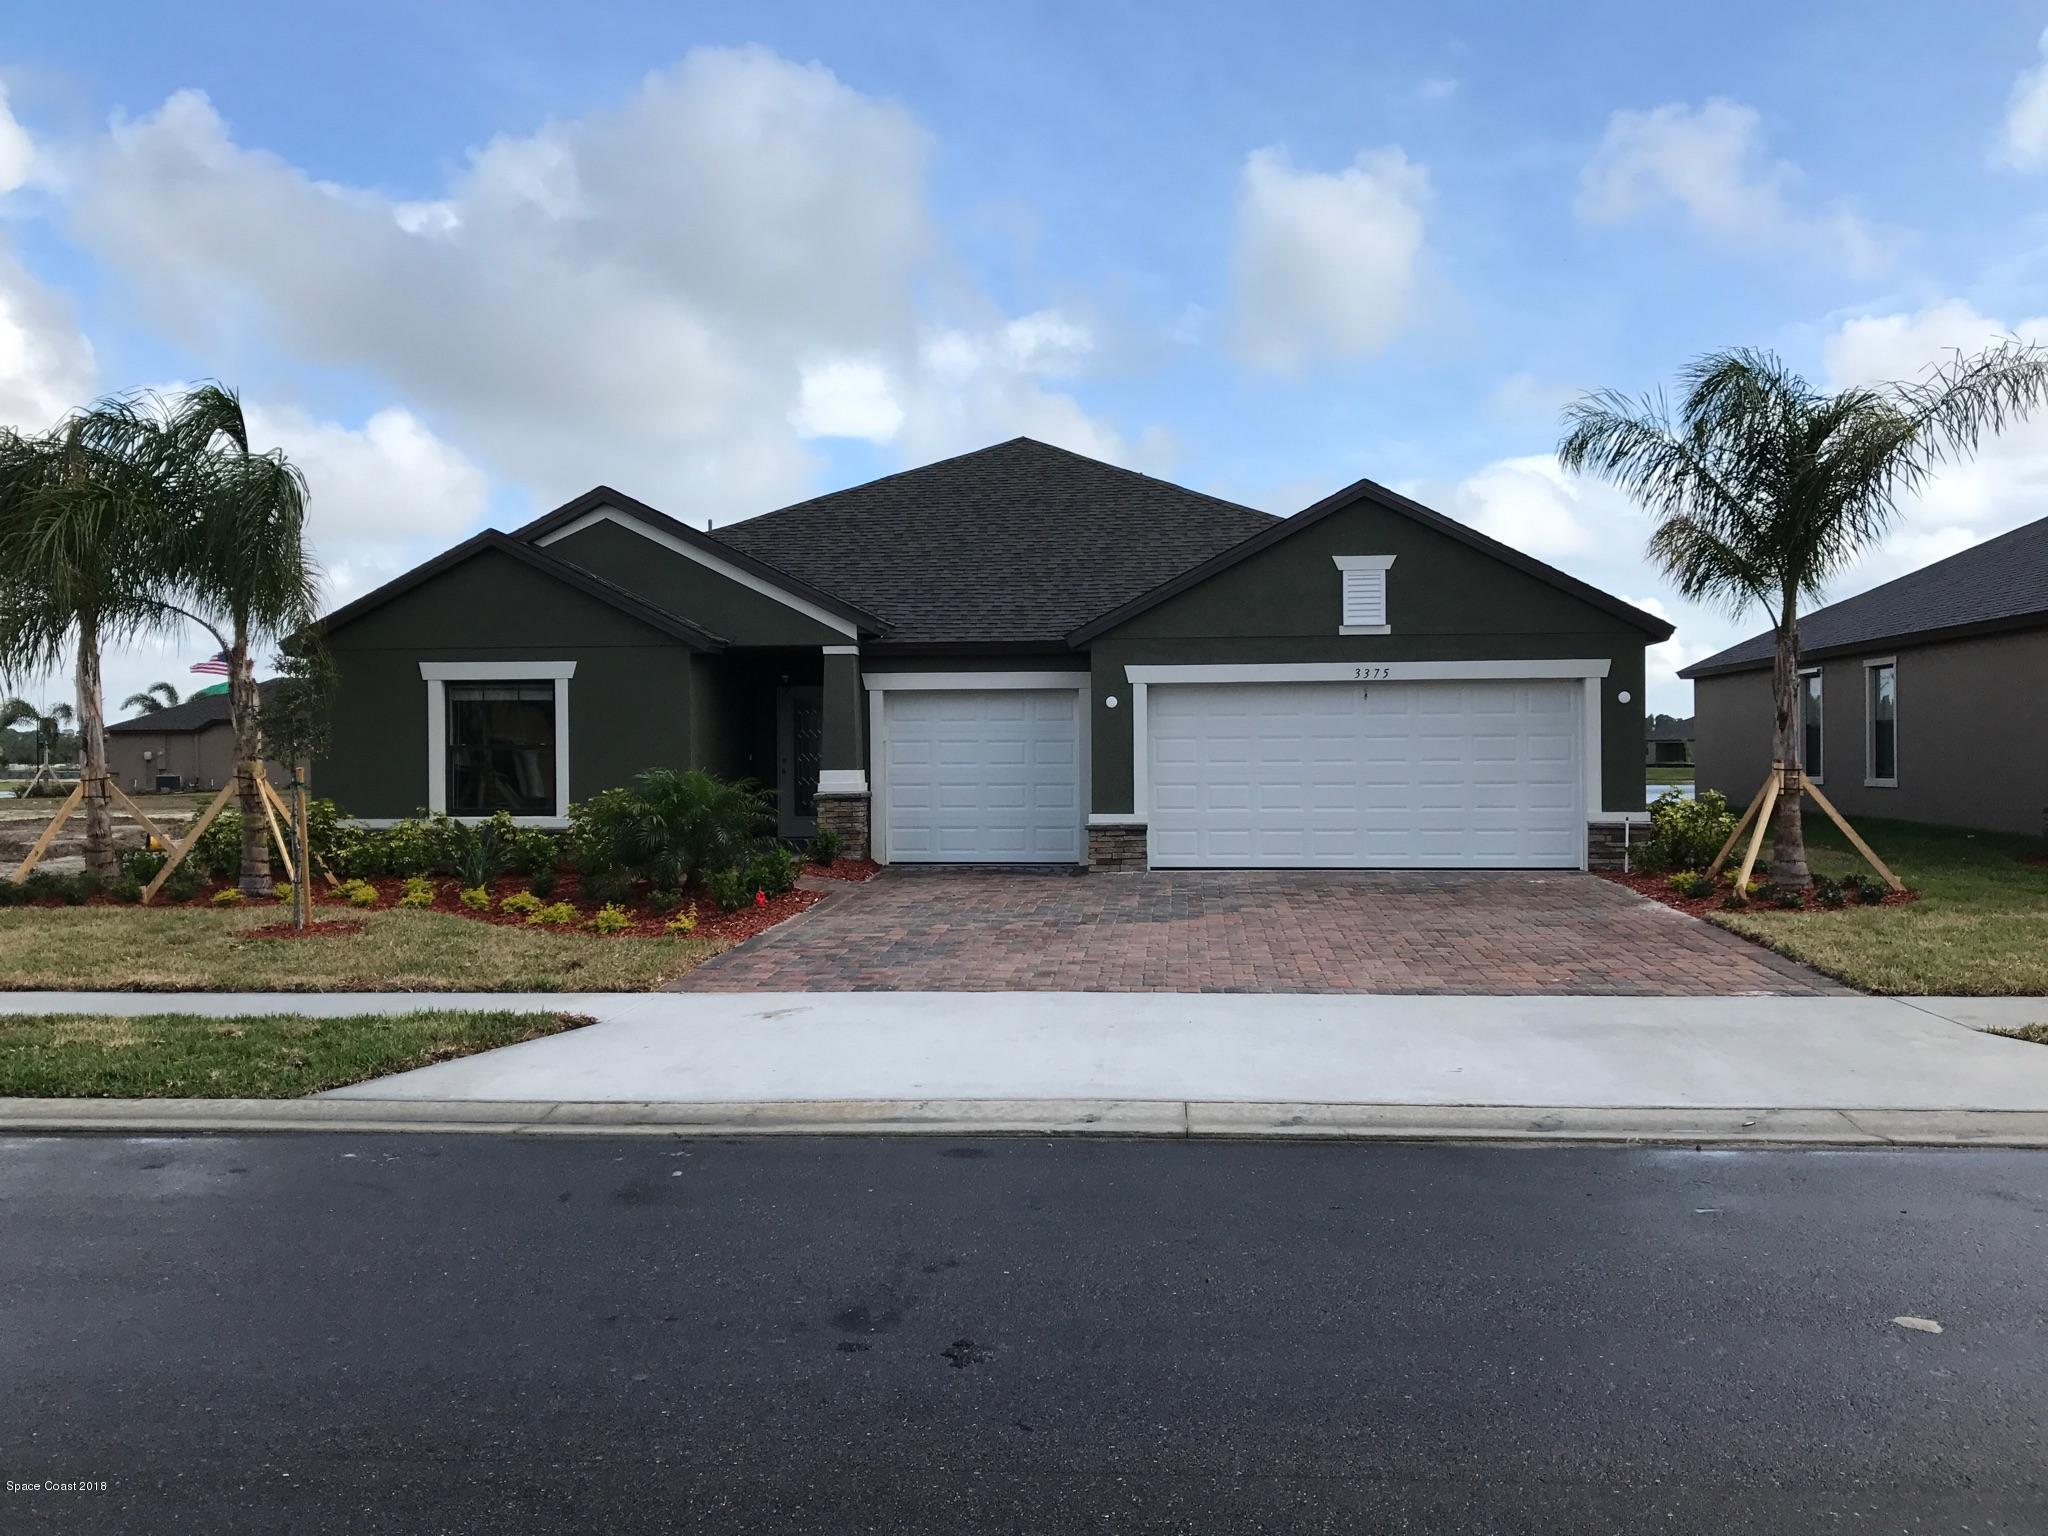 獨棟家庭住宅 為 出售 在 3375 Salt Marsh 3375 Salt Marsh West Melbourne, 佛羅里達州 32904 美國